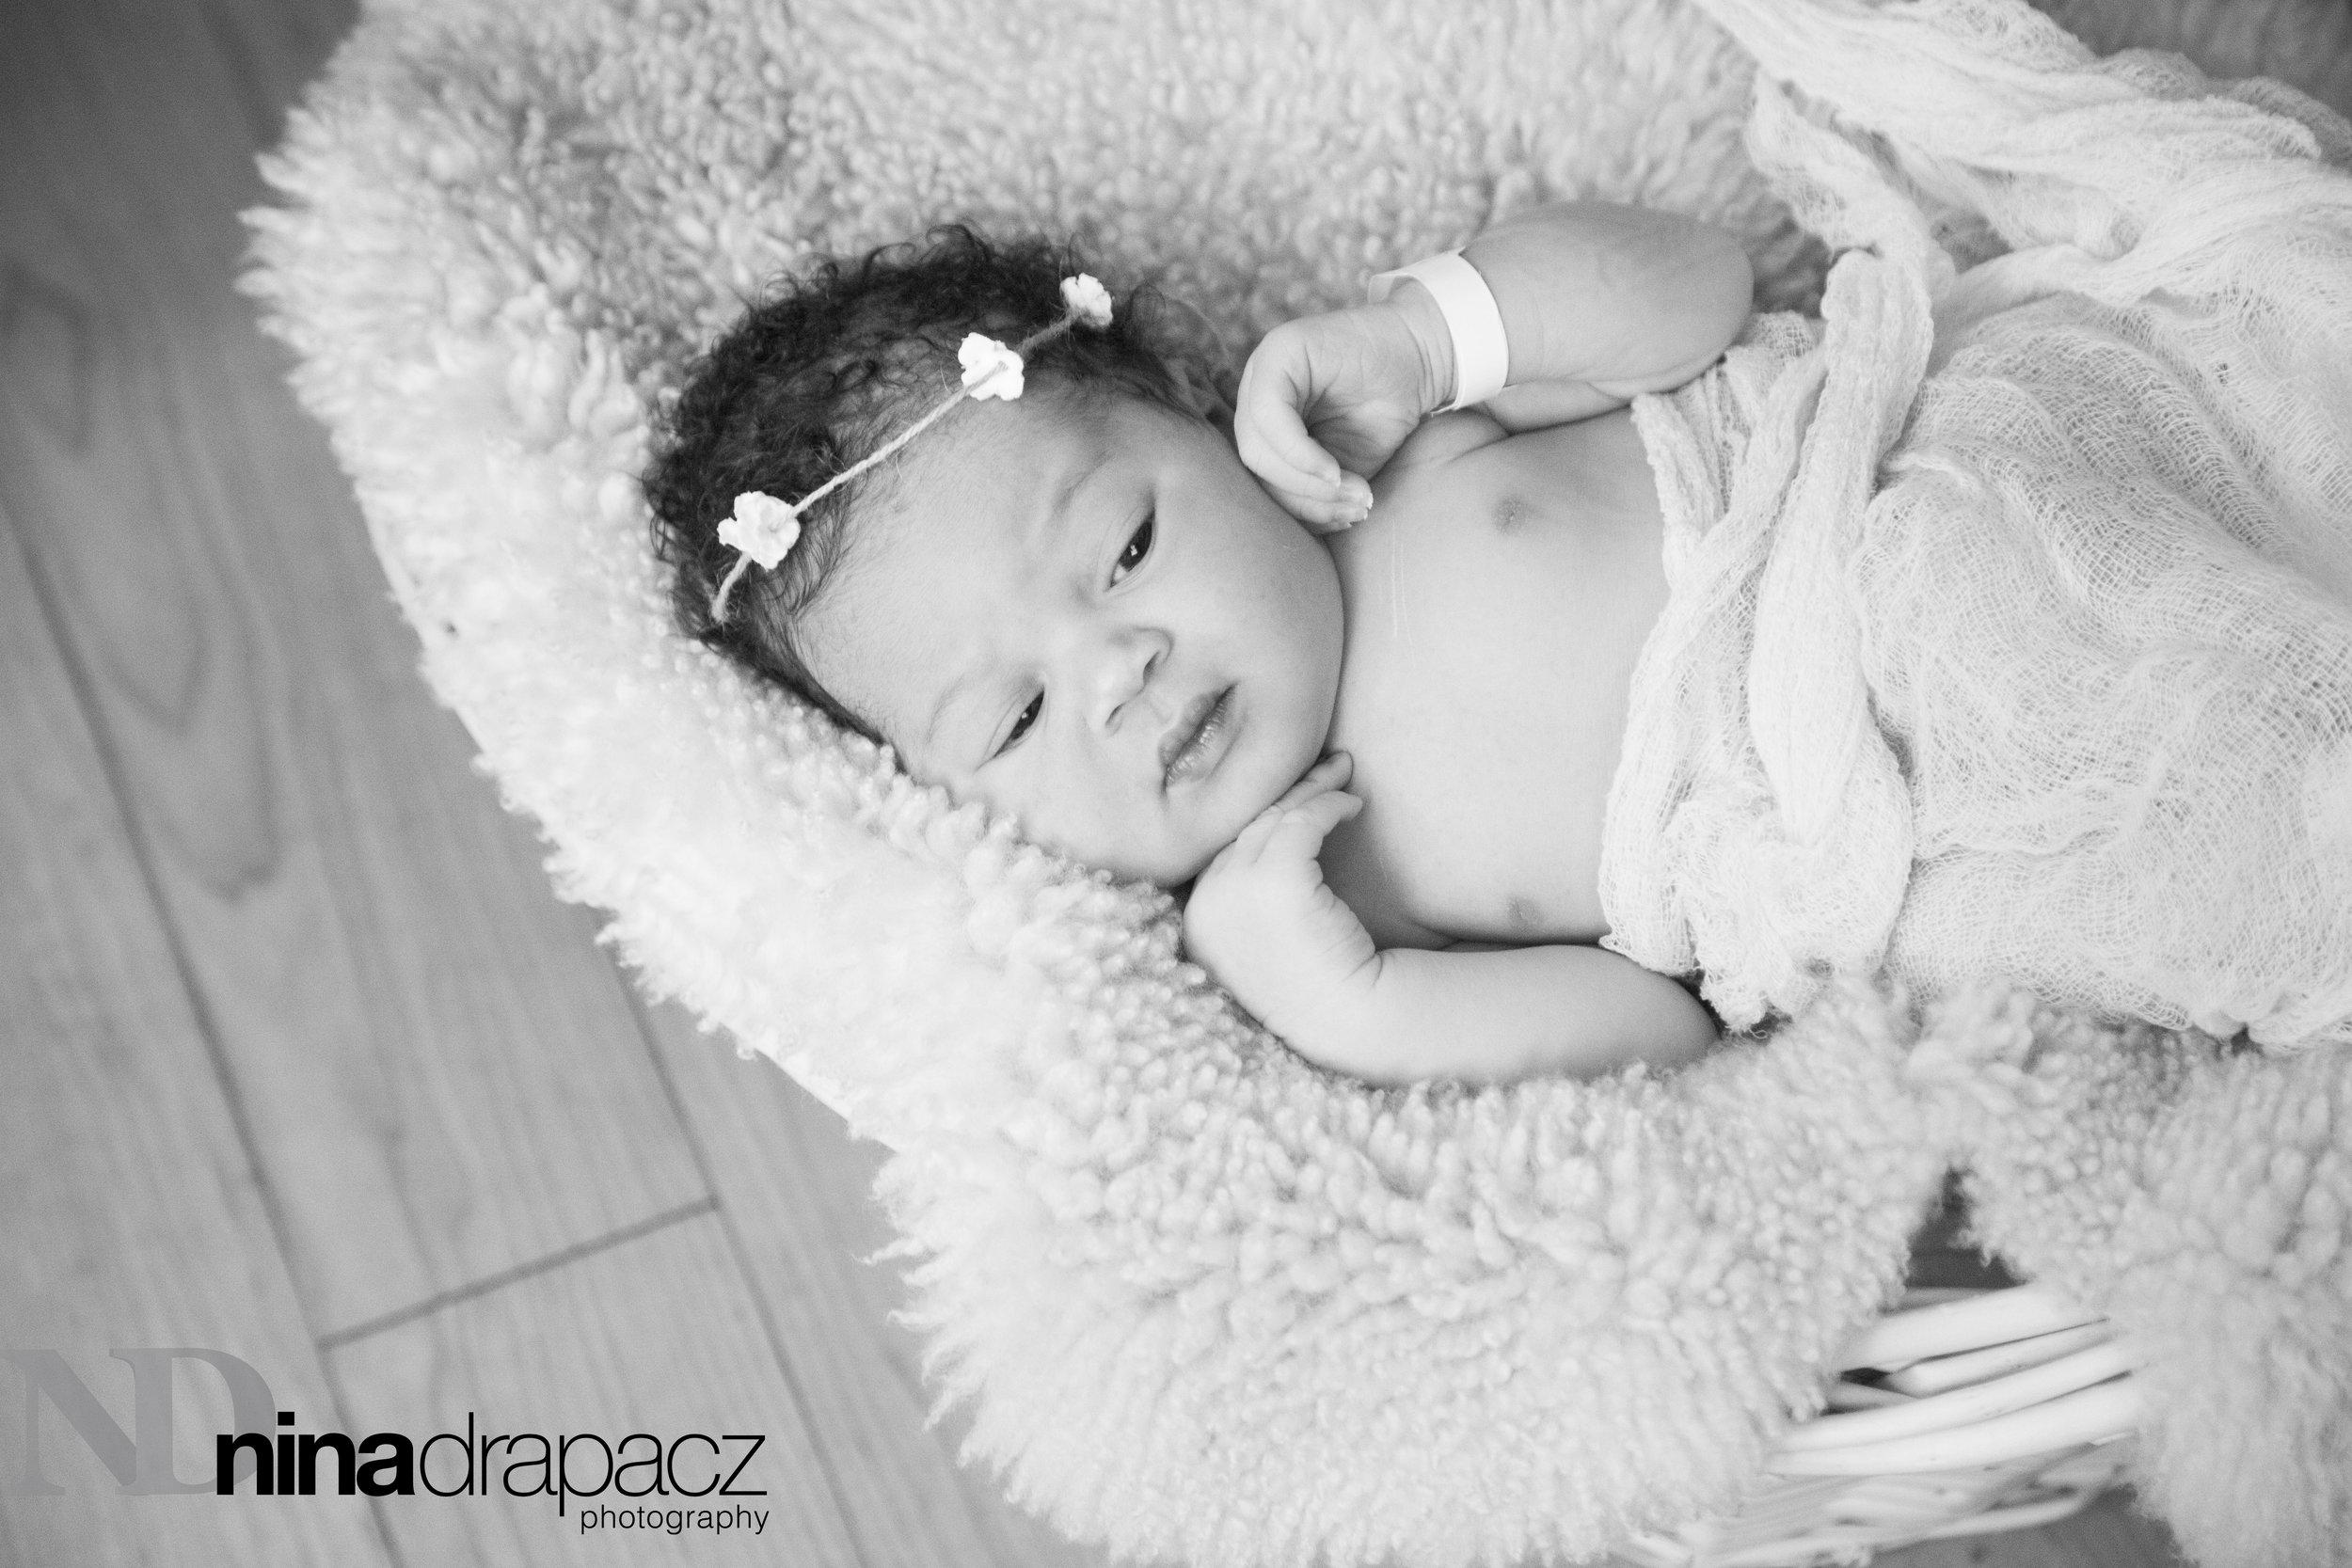 babygirlinbasket2.jpg